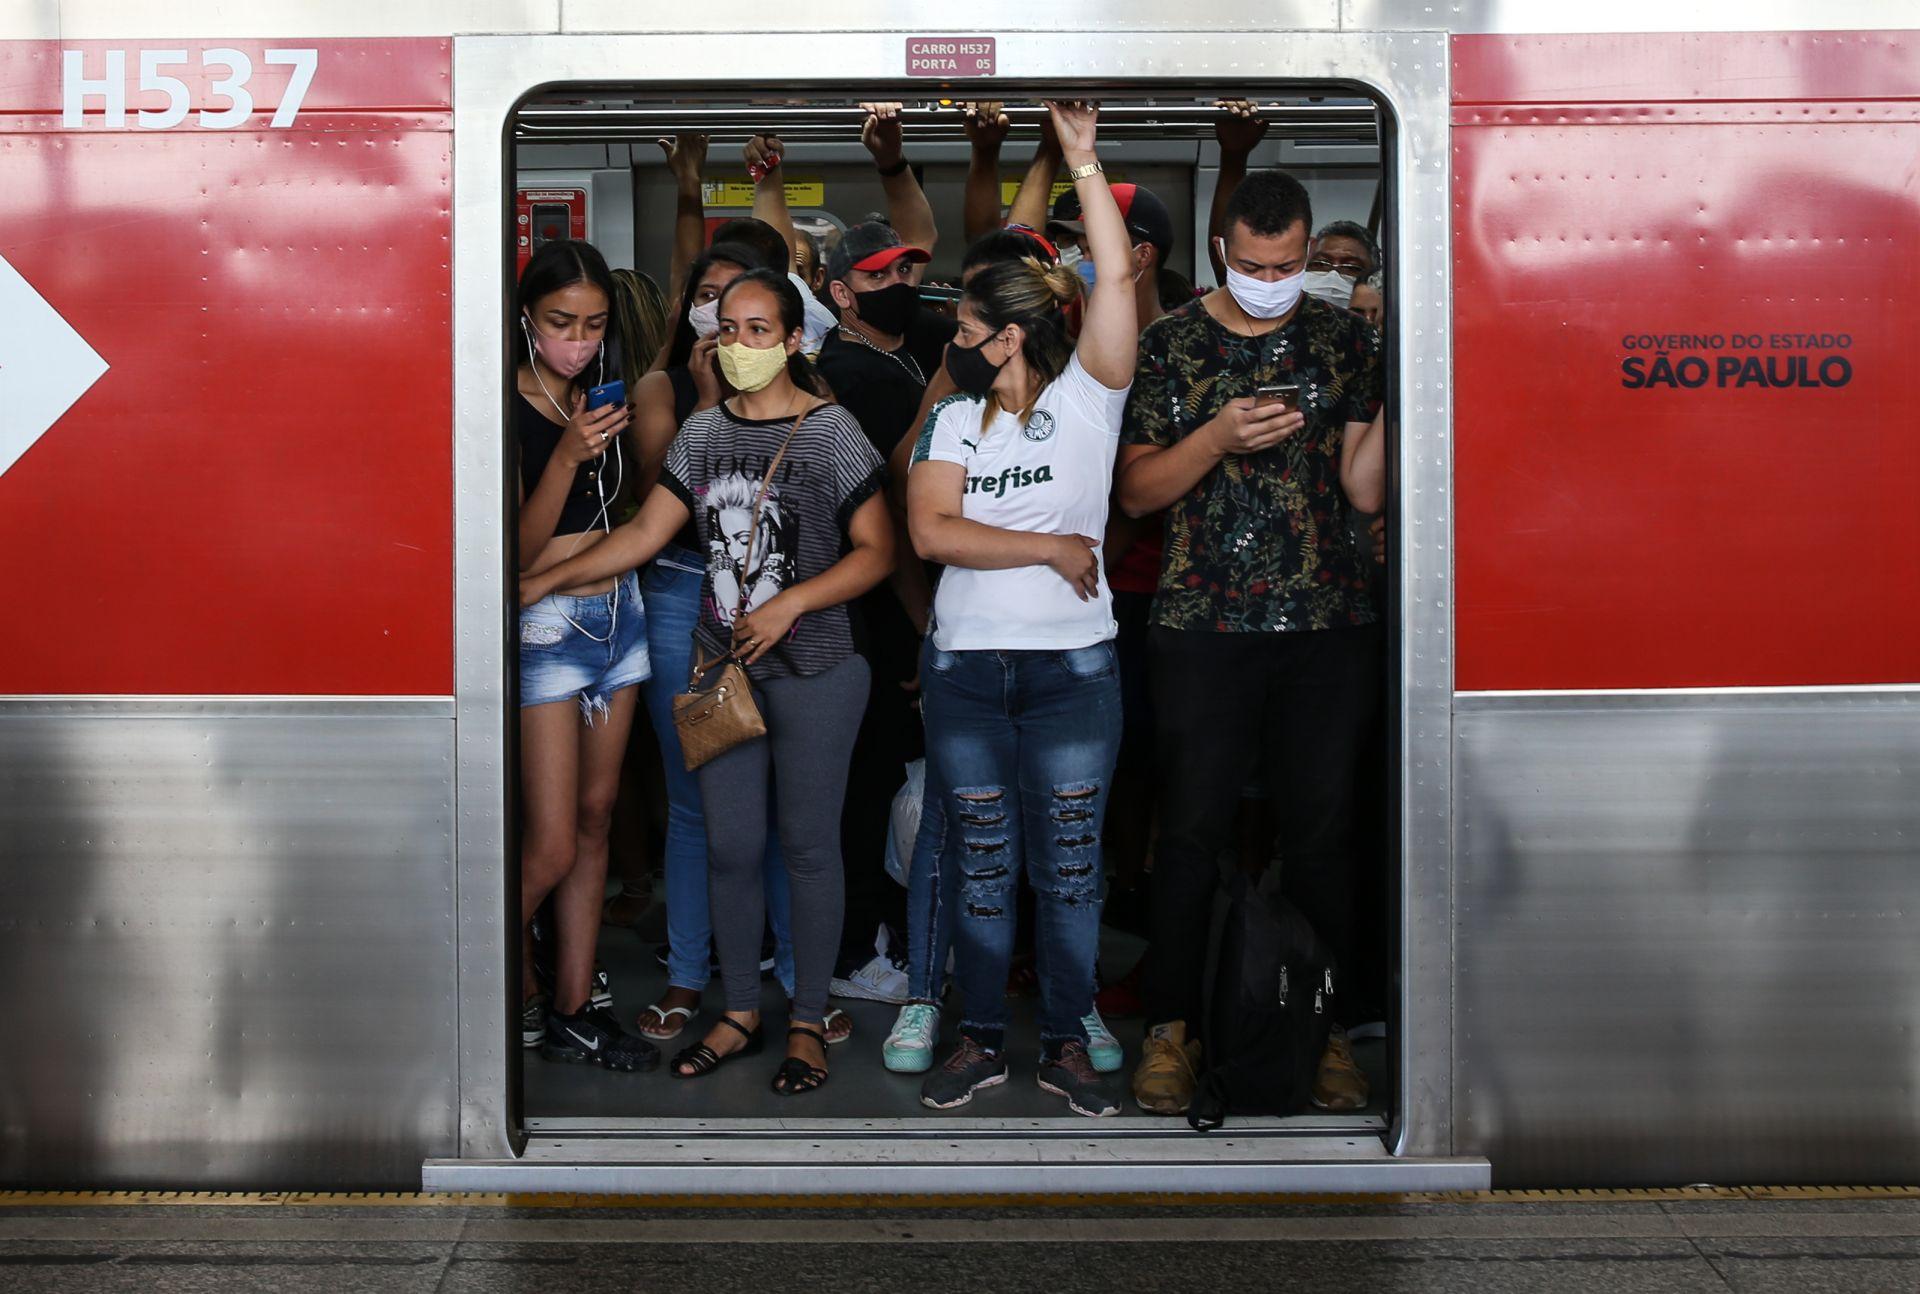 В Сао Паола се тъпчат в метрото за Коледния шопинг